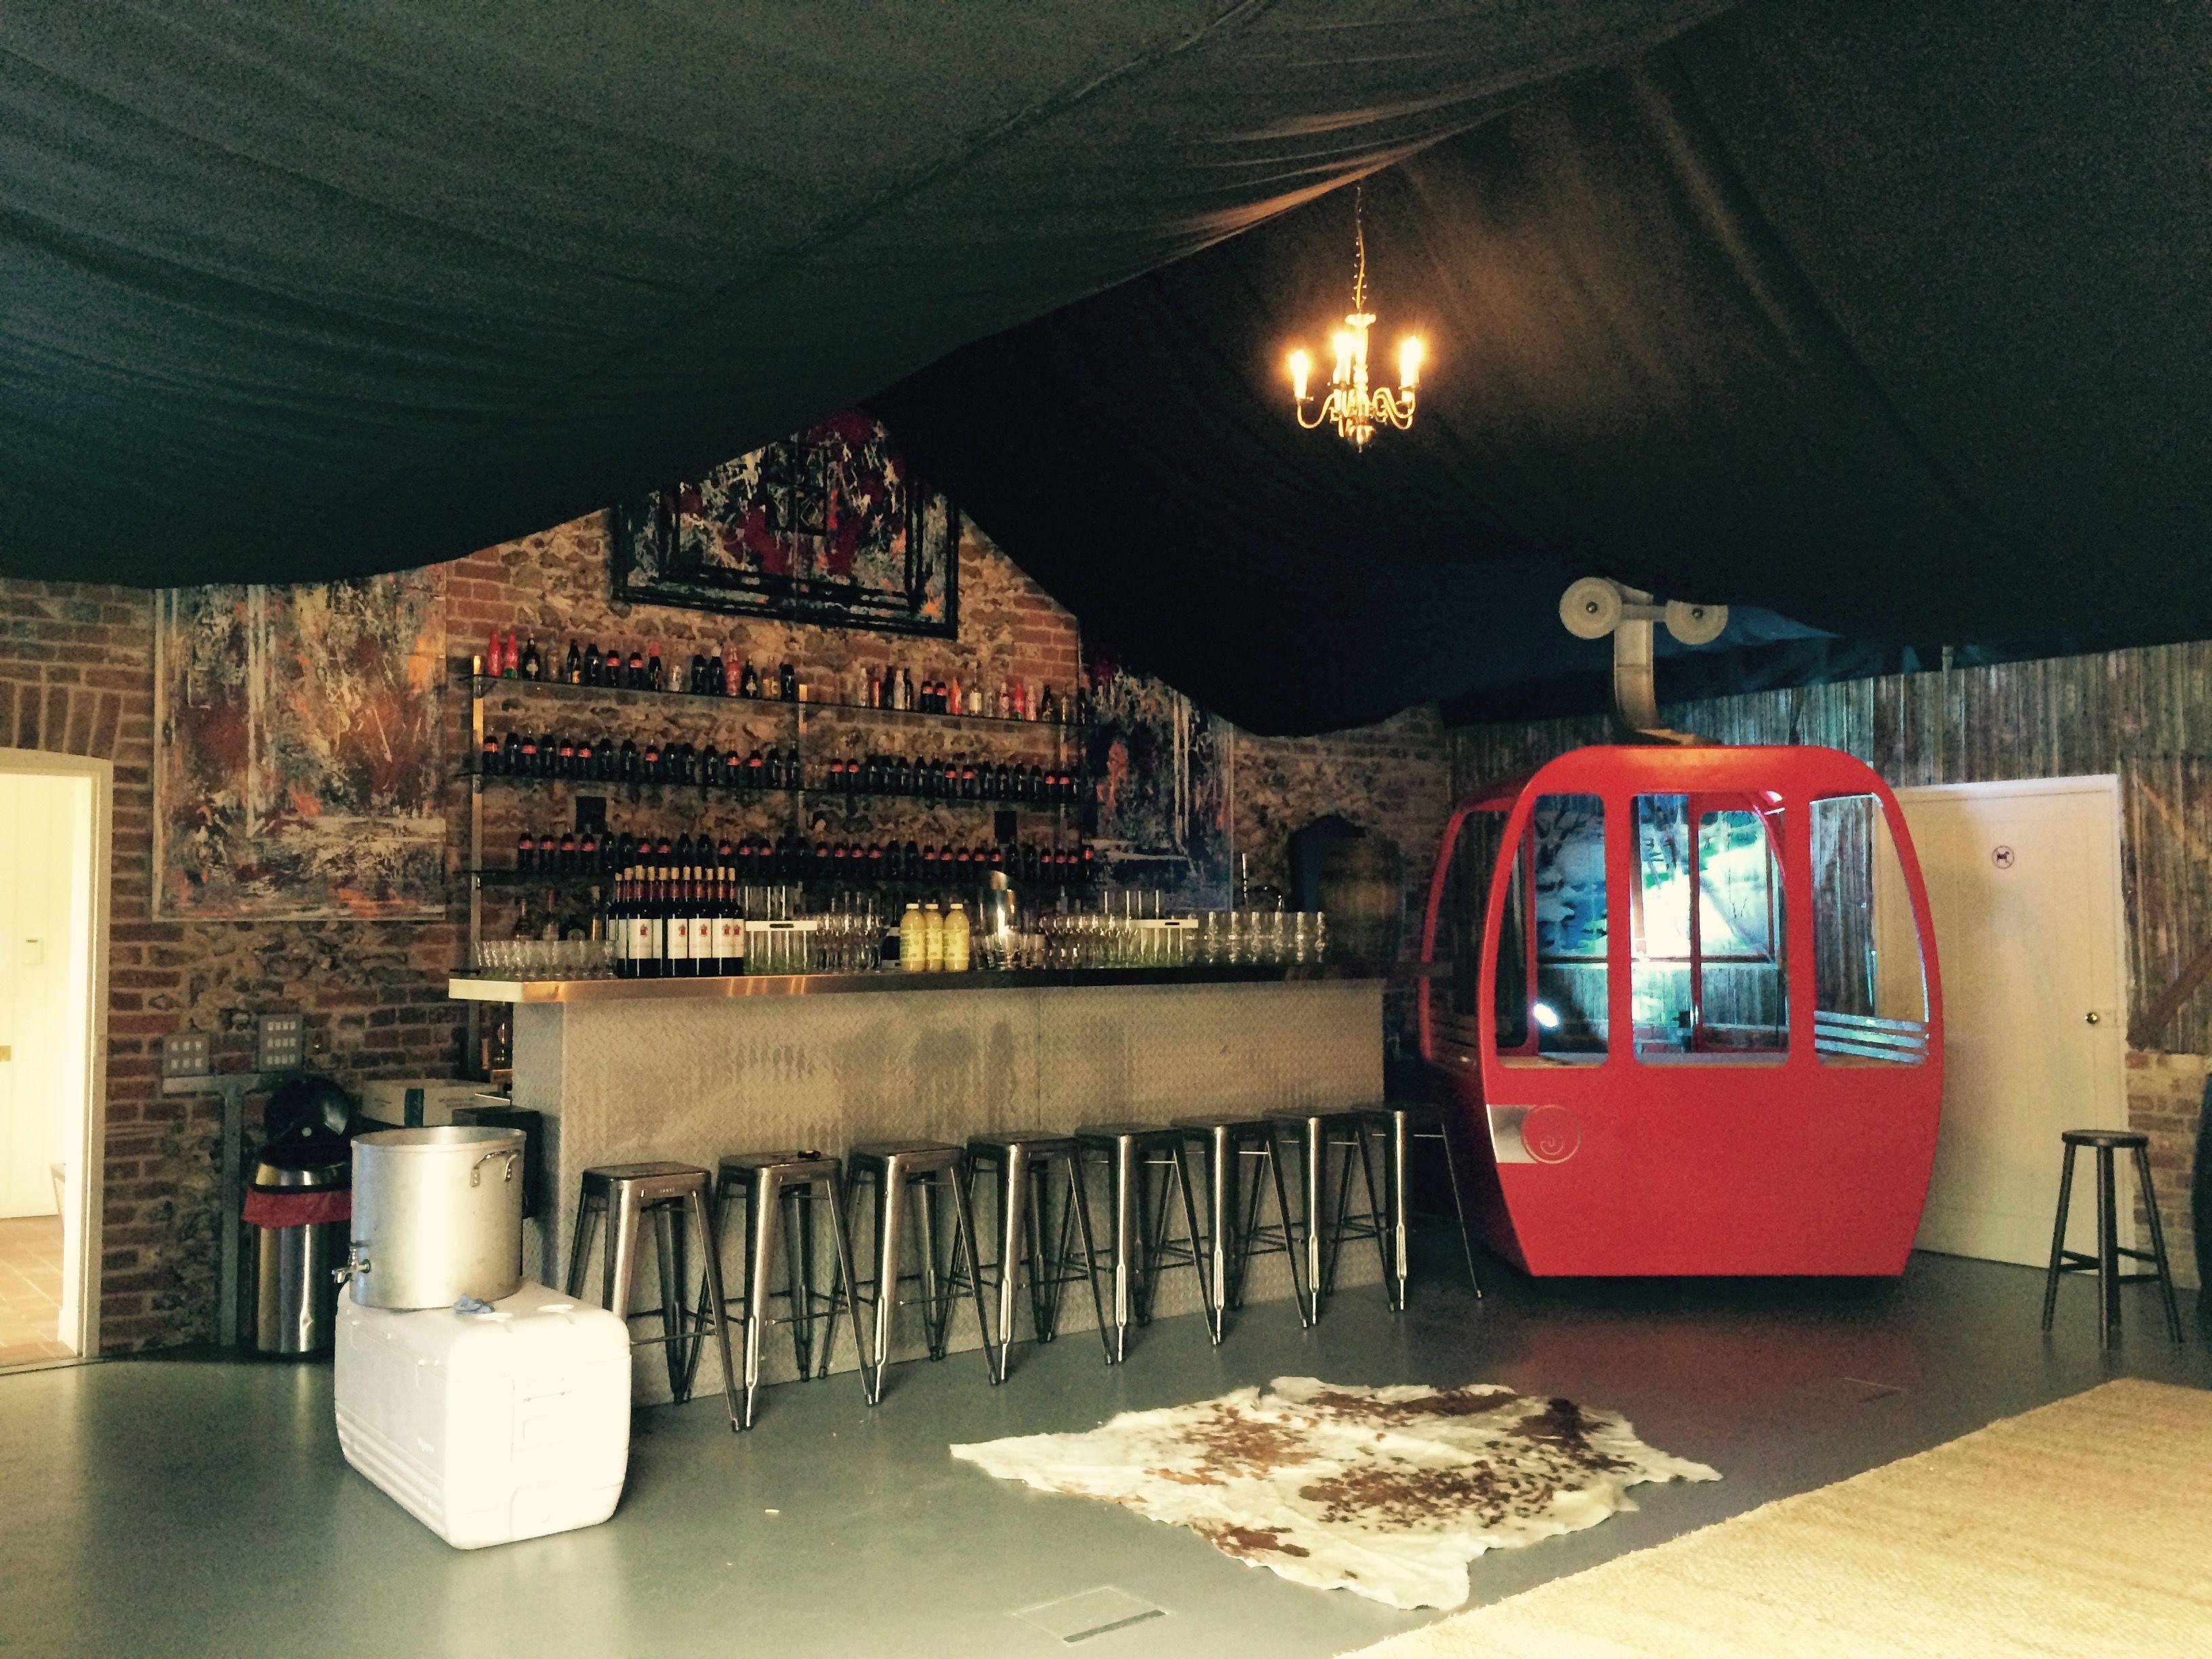 apres ski party ski lodge after prom pinterest deko geburtstag und 50er. Black Bedroom Furniture Sets. Home Design Ideas